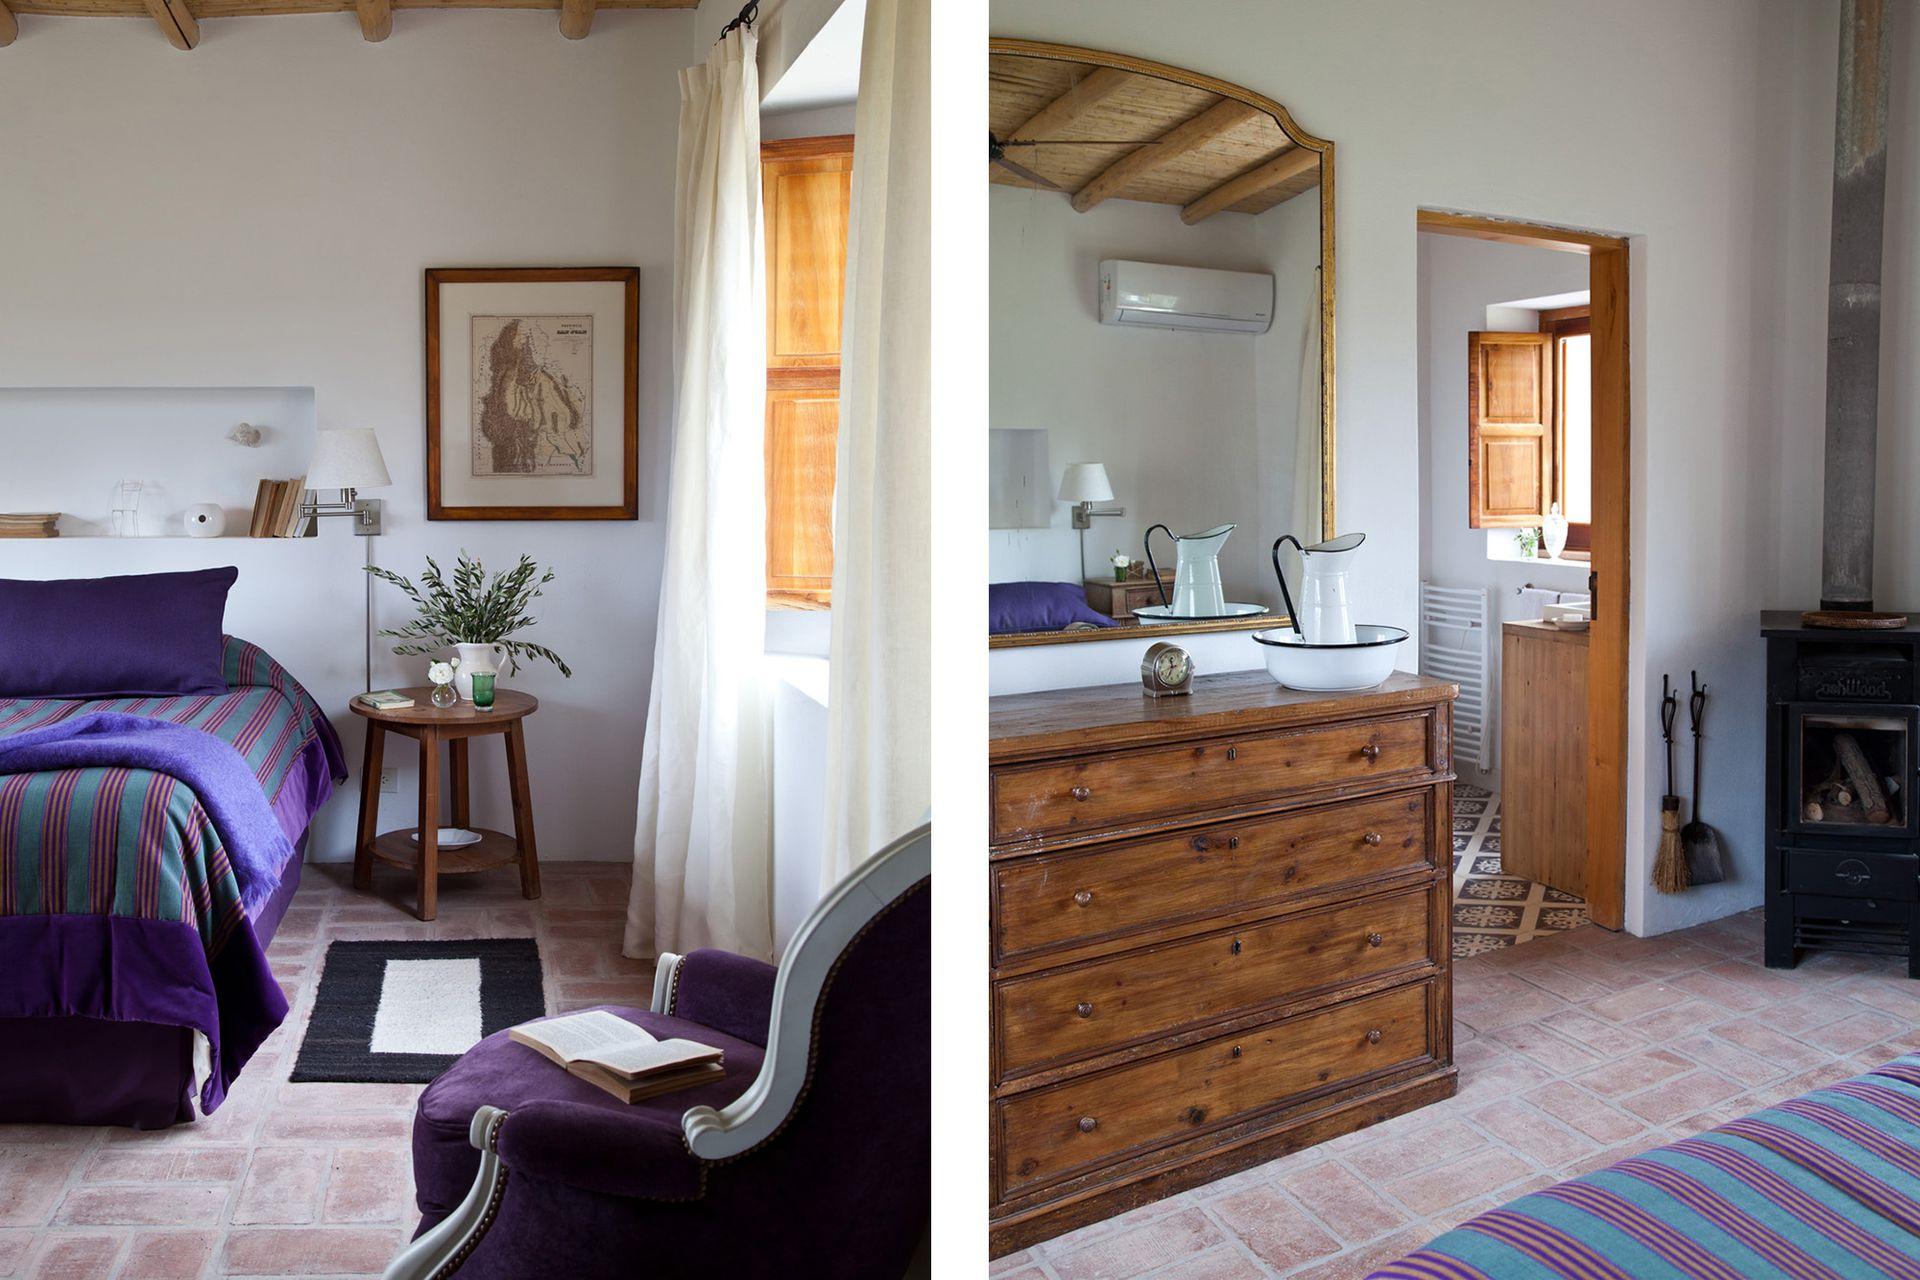 Uno de los dormitorios de huéspedes con baño en suite, cómoda de Alberto Ledesma y elegante espejo, de herencia familiar.